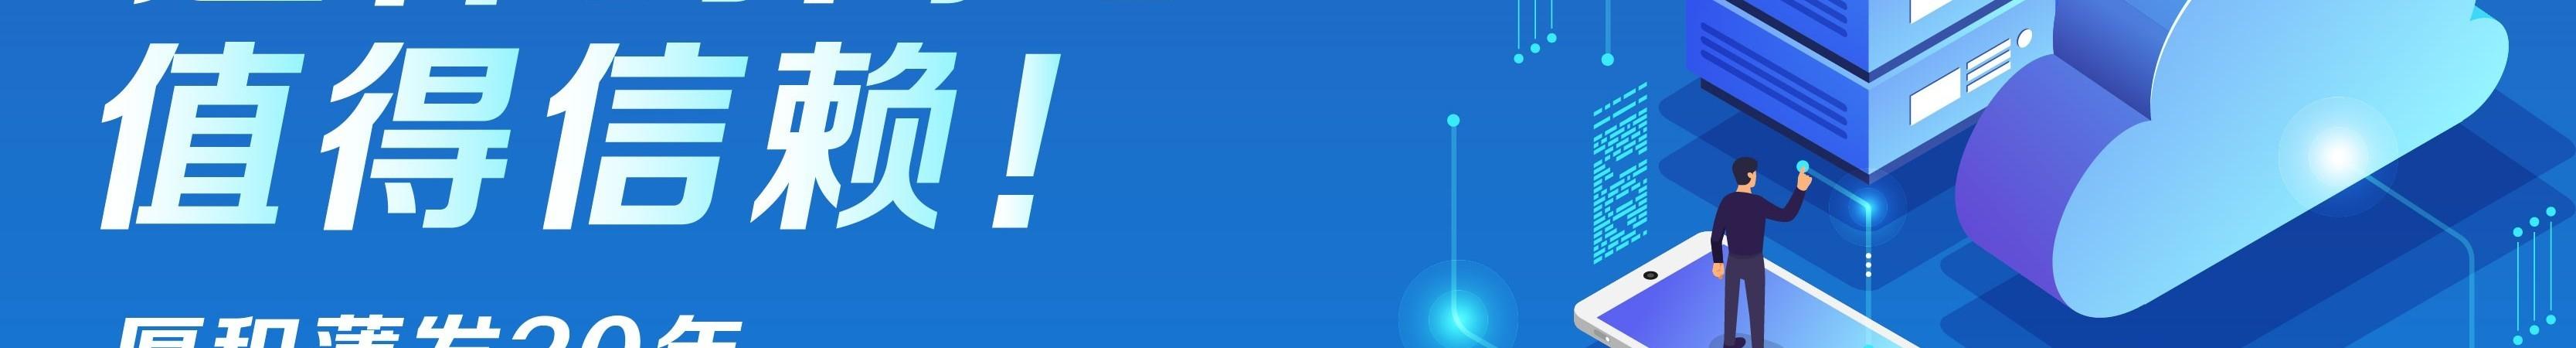 华为IP网络——这样的网络值得信赖!